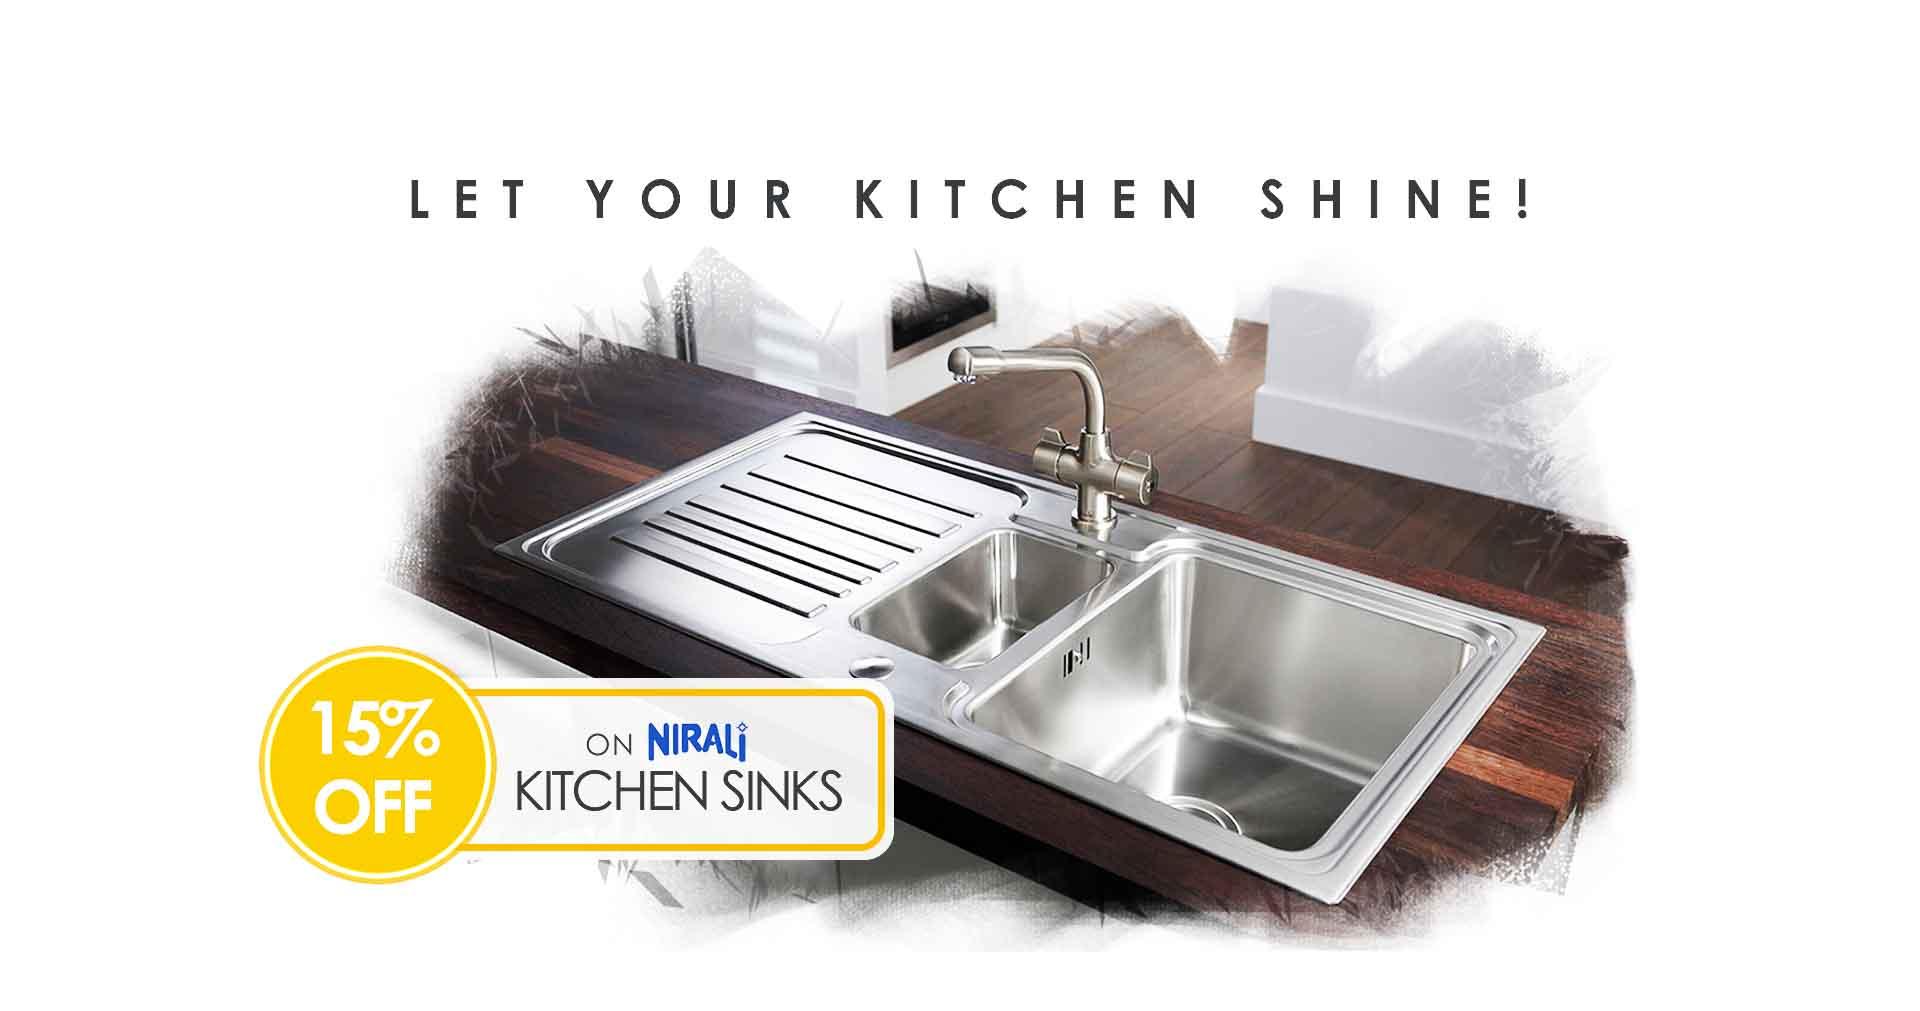 Buy Nirali Kitchen Sinks on decure.in